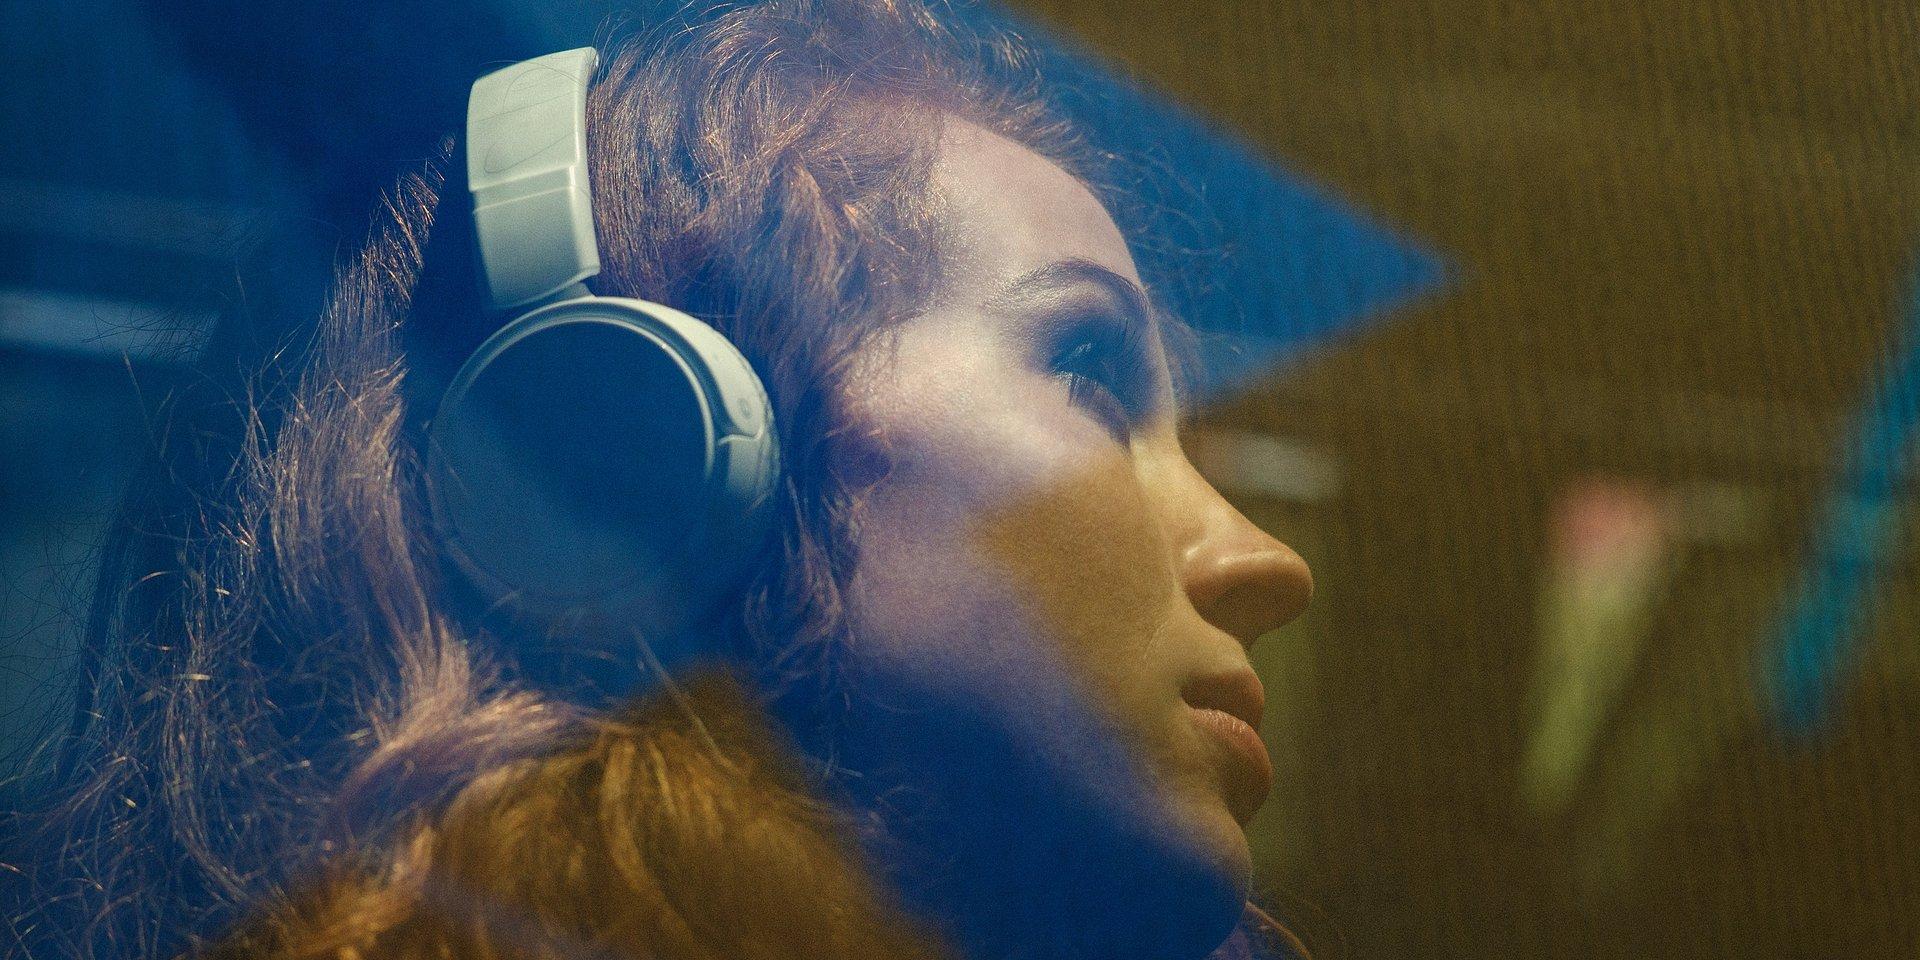 Popularność podcastów rośnie w zawrotnym tempie! Spotify prezentuje najnowsze dane